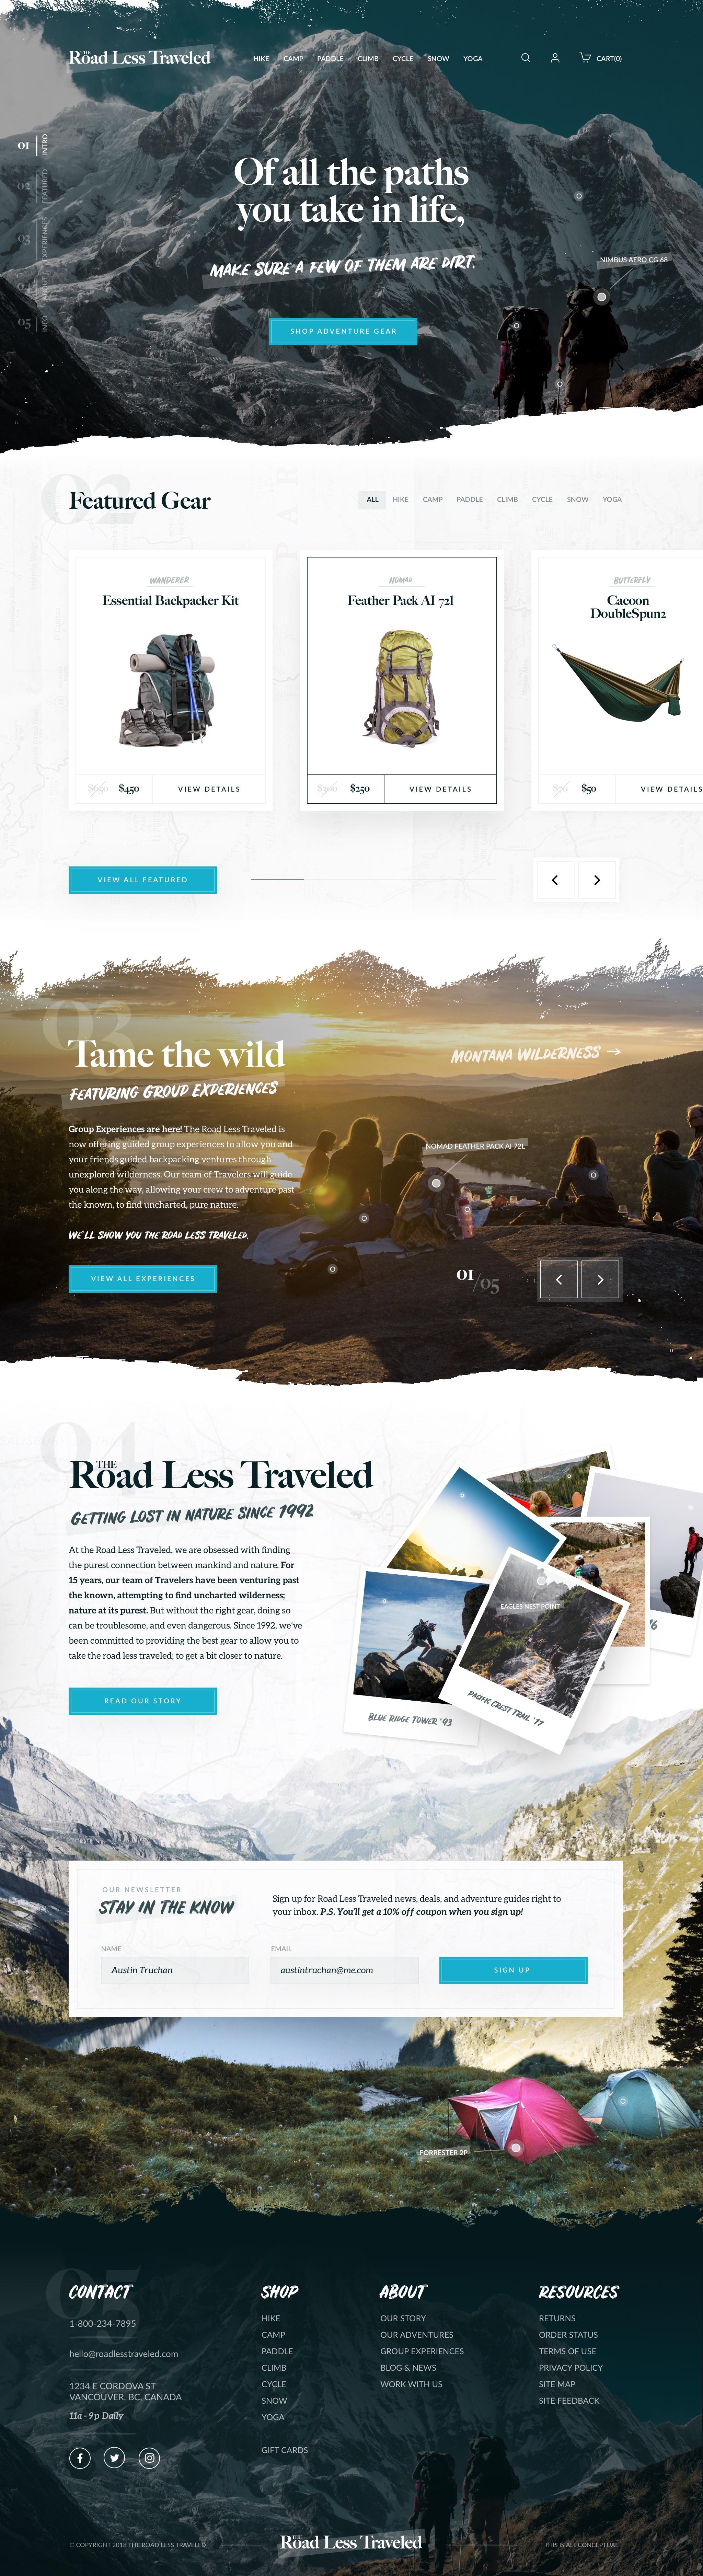 Outdoor Website Design Example #1